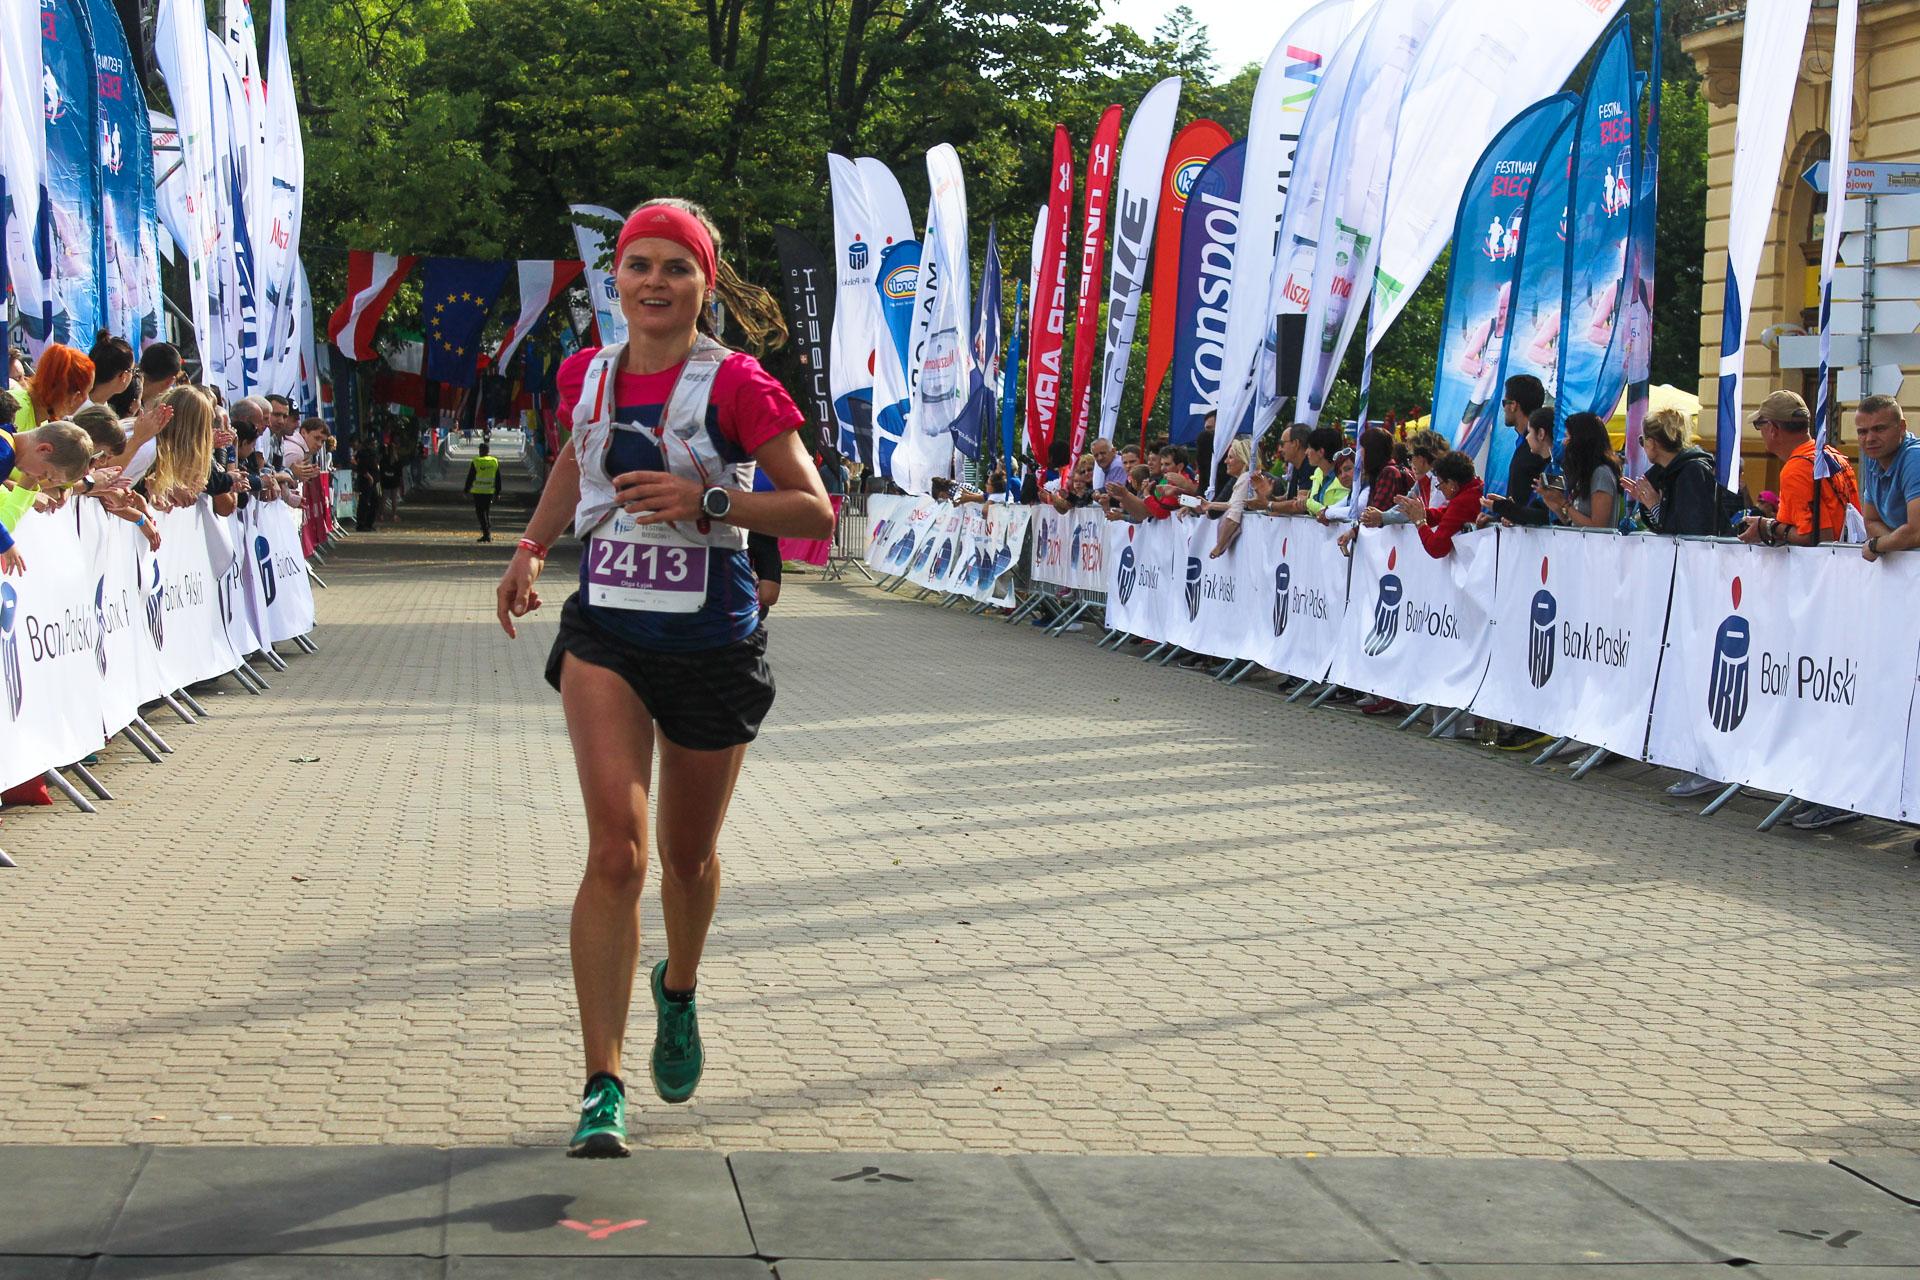 Wyszehradzki Ultramaraton im. Lecha Kaczyńskiego 34 km - relacja